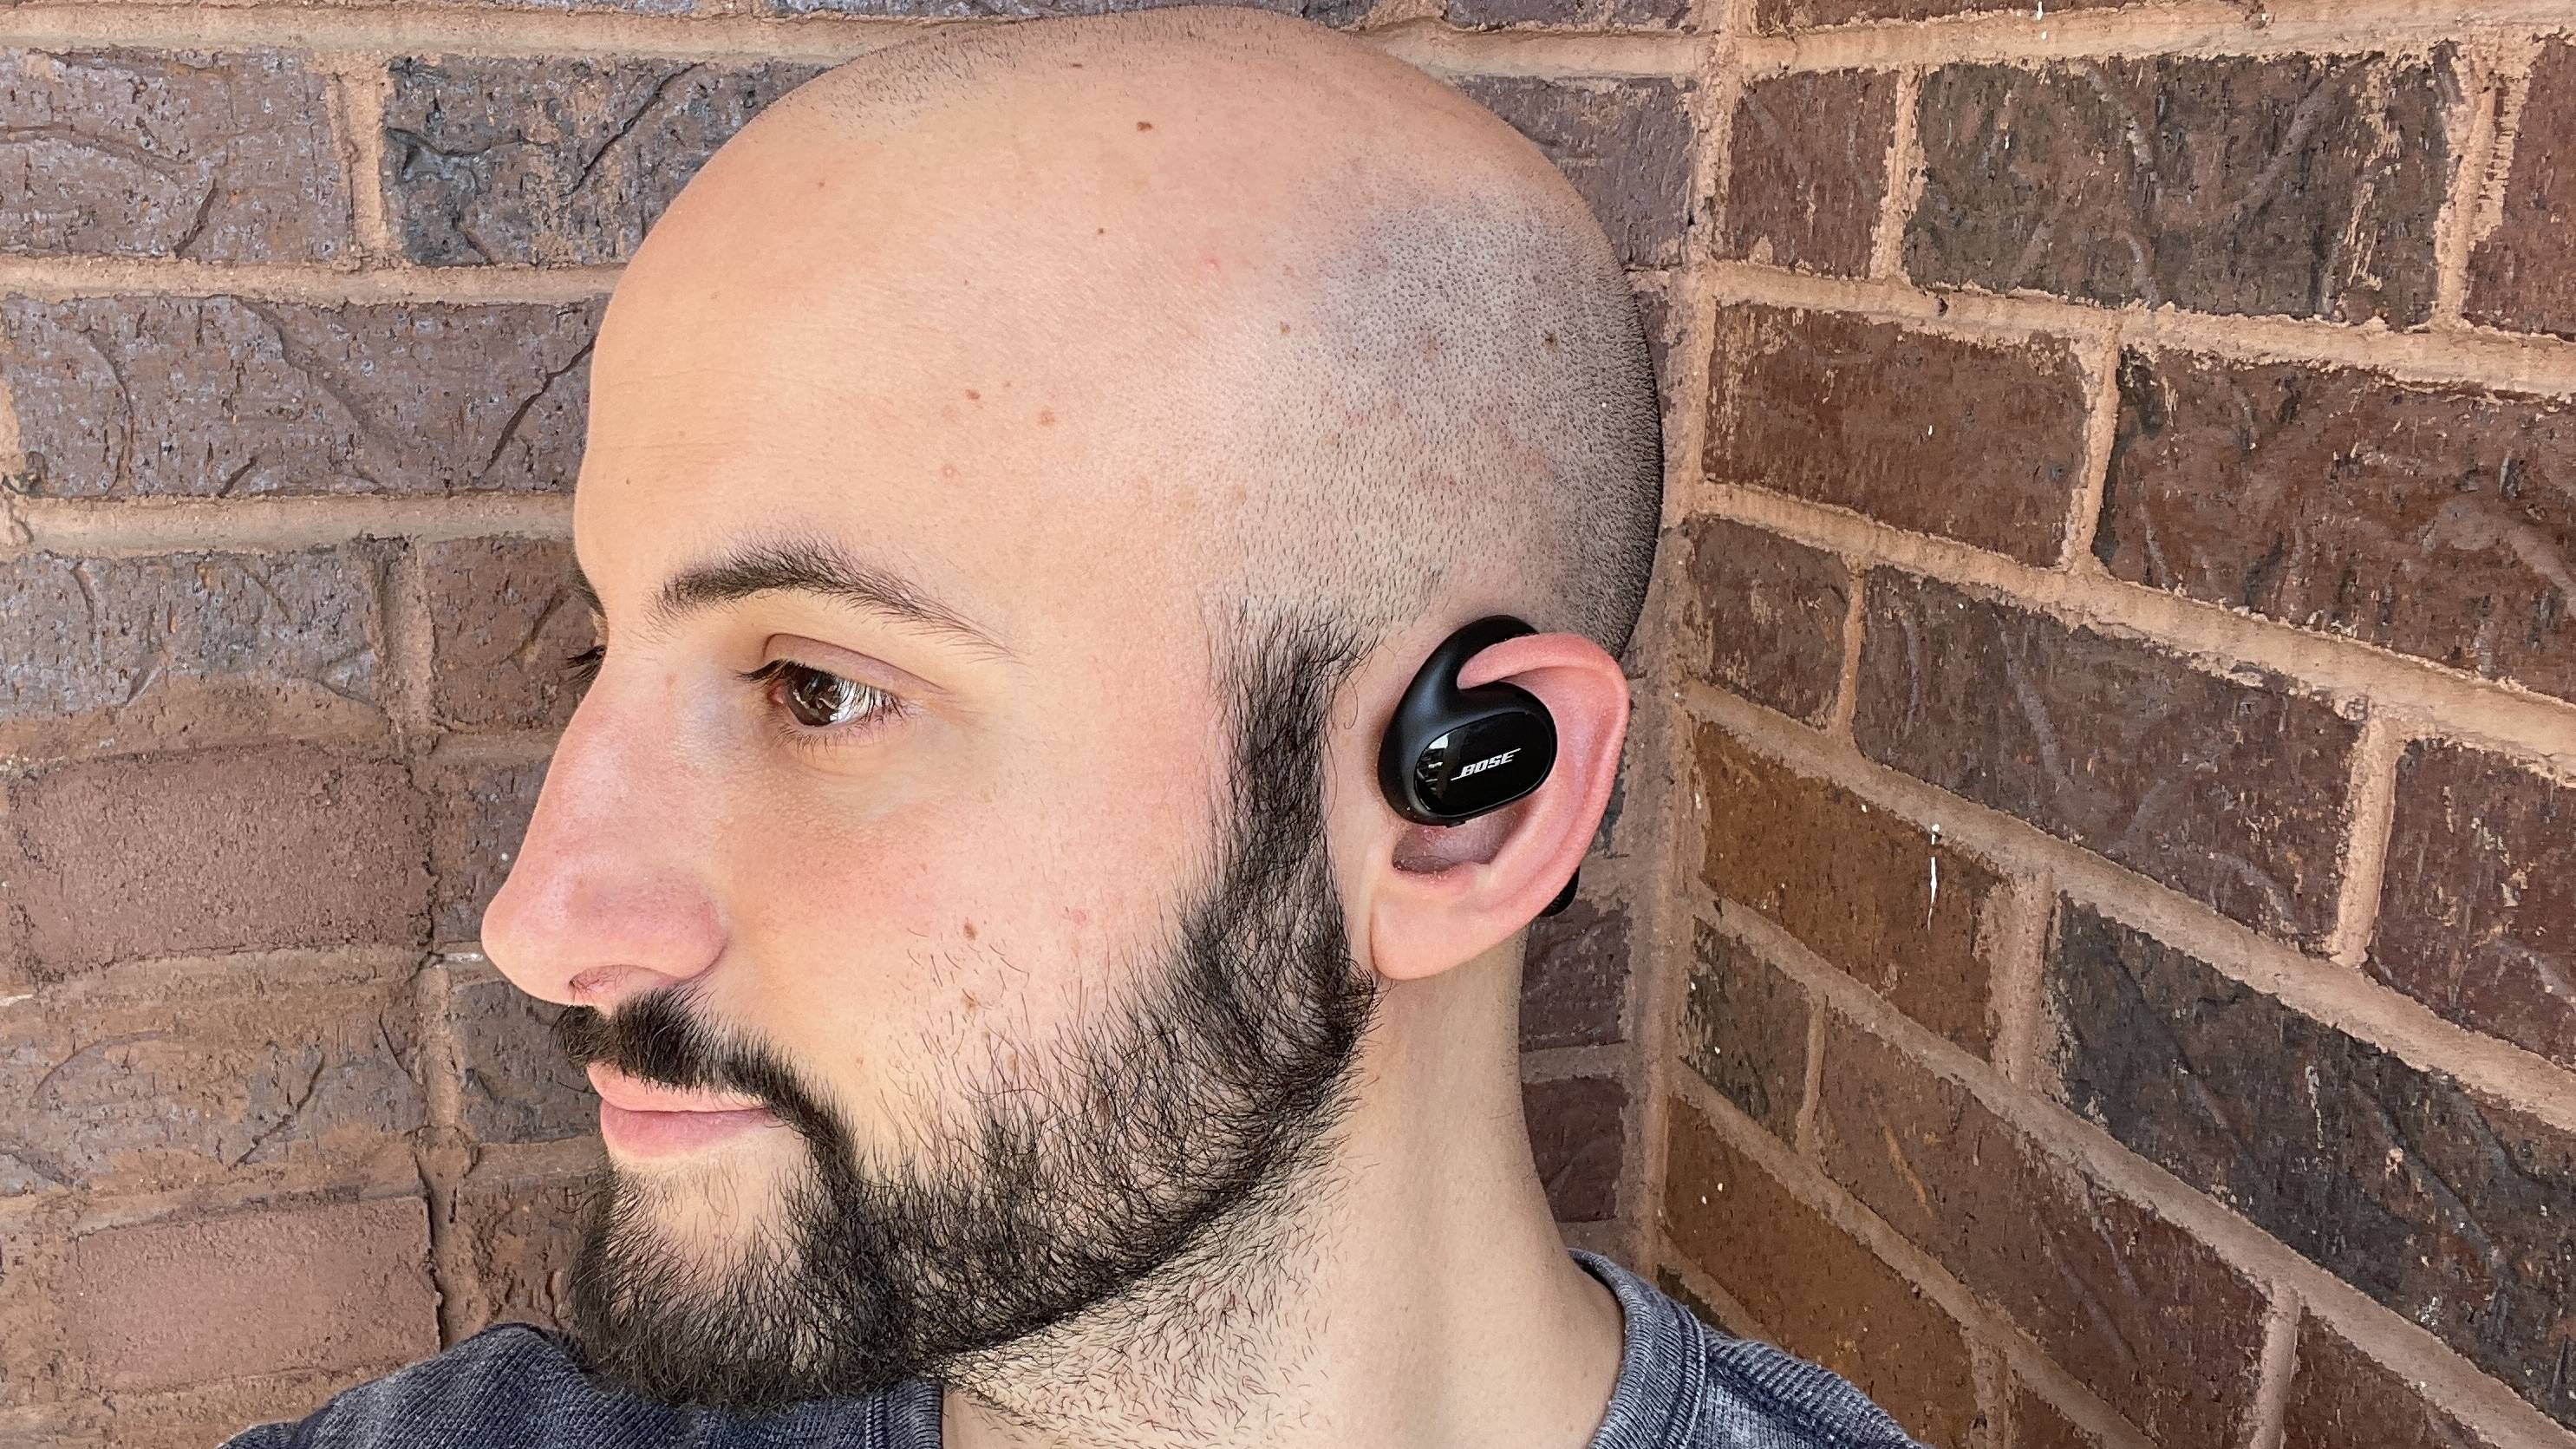 https://cdn.cnn.com/cnnnext/dam/assets/210210112147-bose-sport-earbuds-open-review-lead.jpg